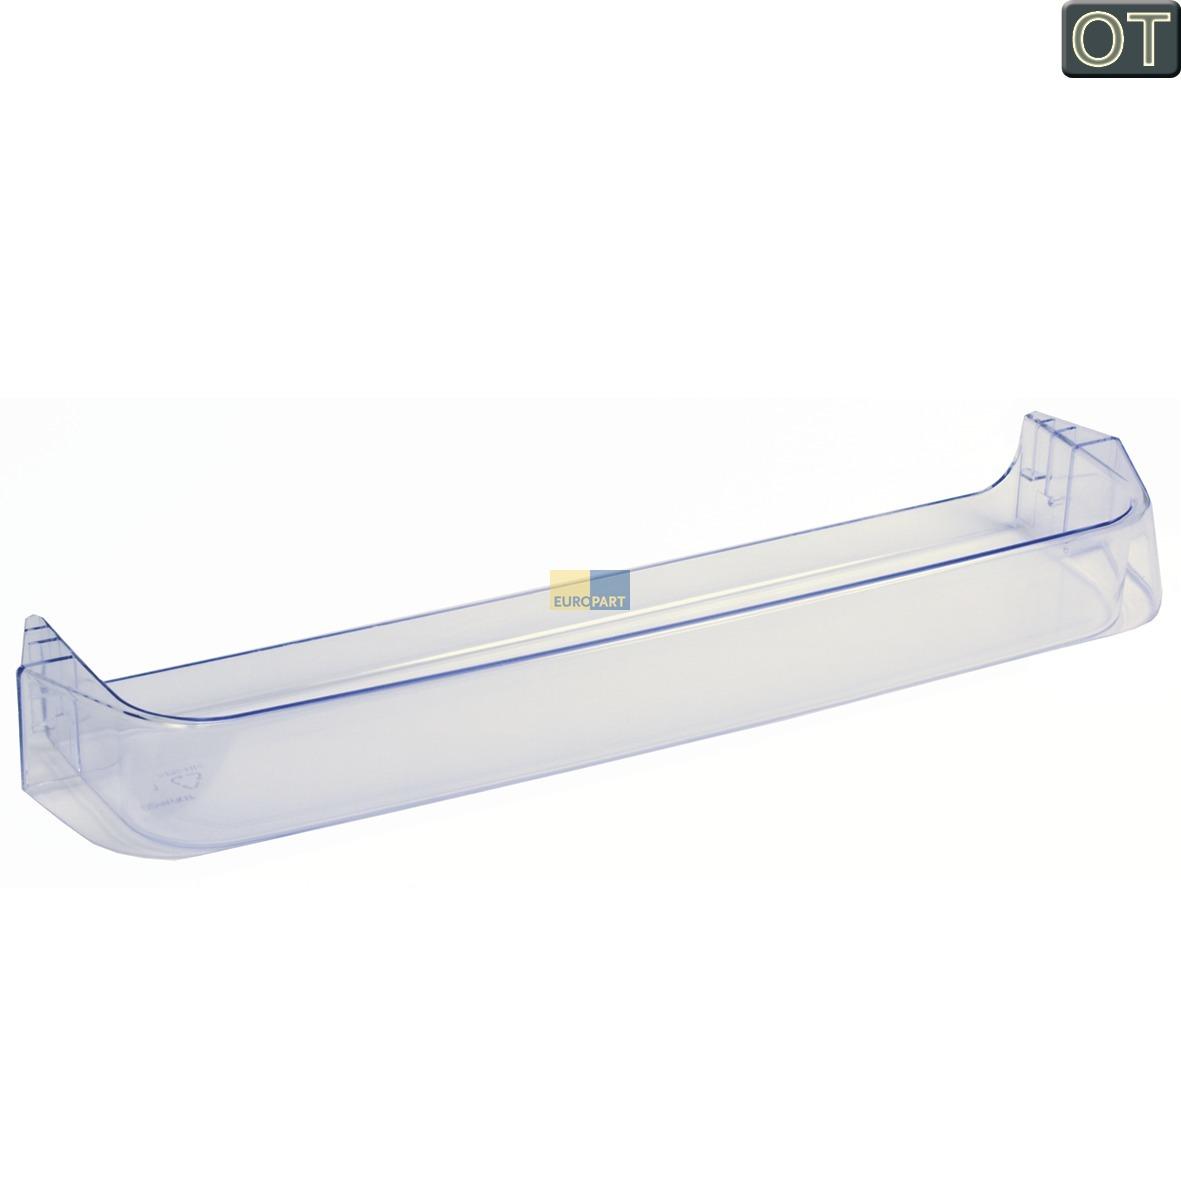 Abstellfach 50mm hoch Electrolux Zanussi 224610715 - ABEA Hausgeräte ...